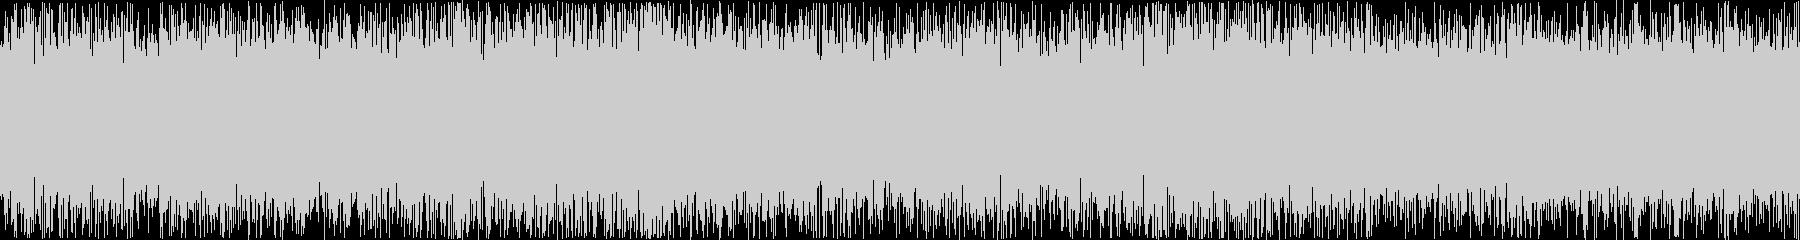 ザァー(FMラジオのノイズG)ループ処理の未再生の波形